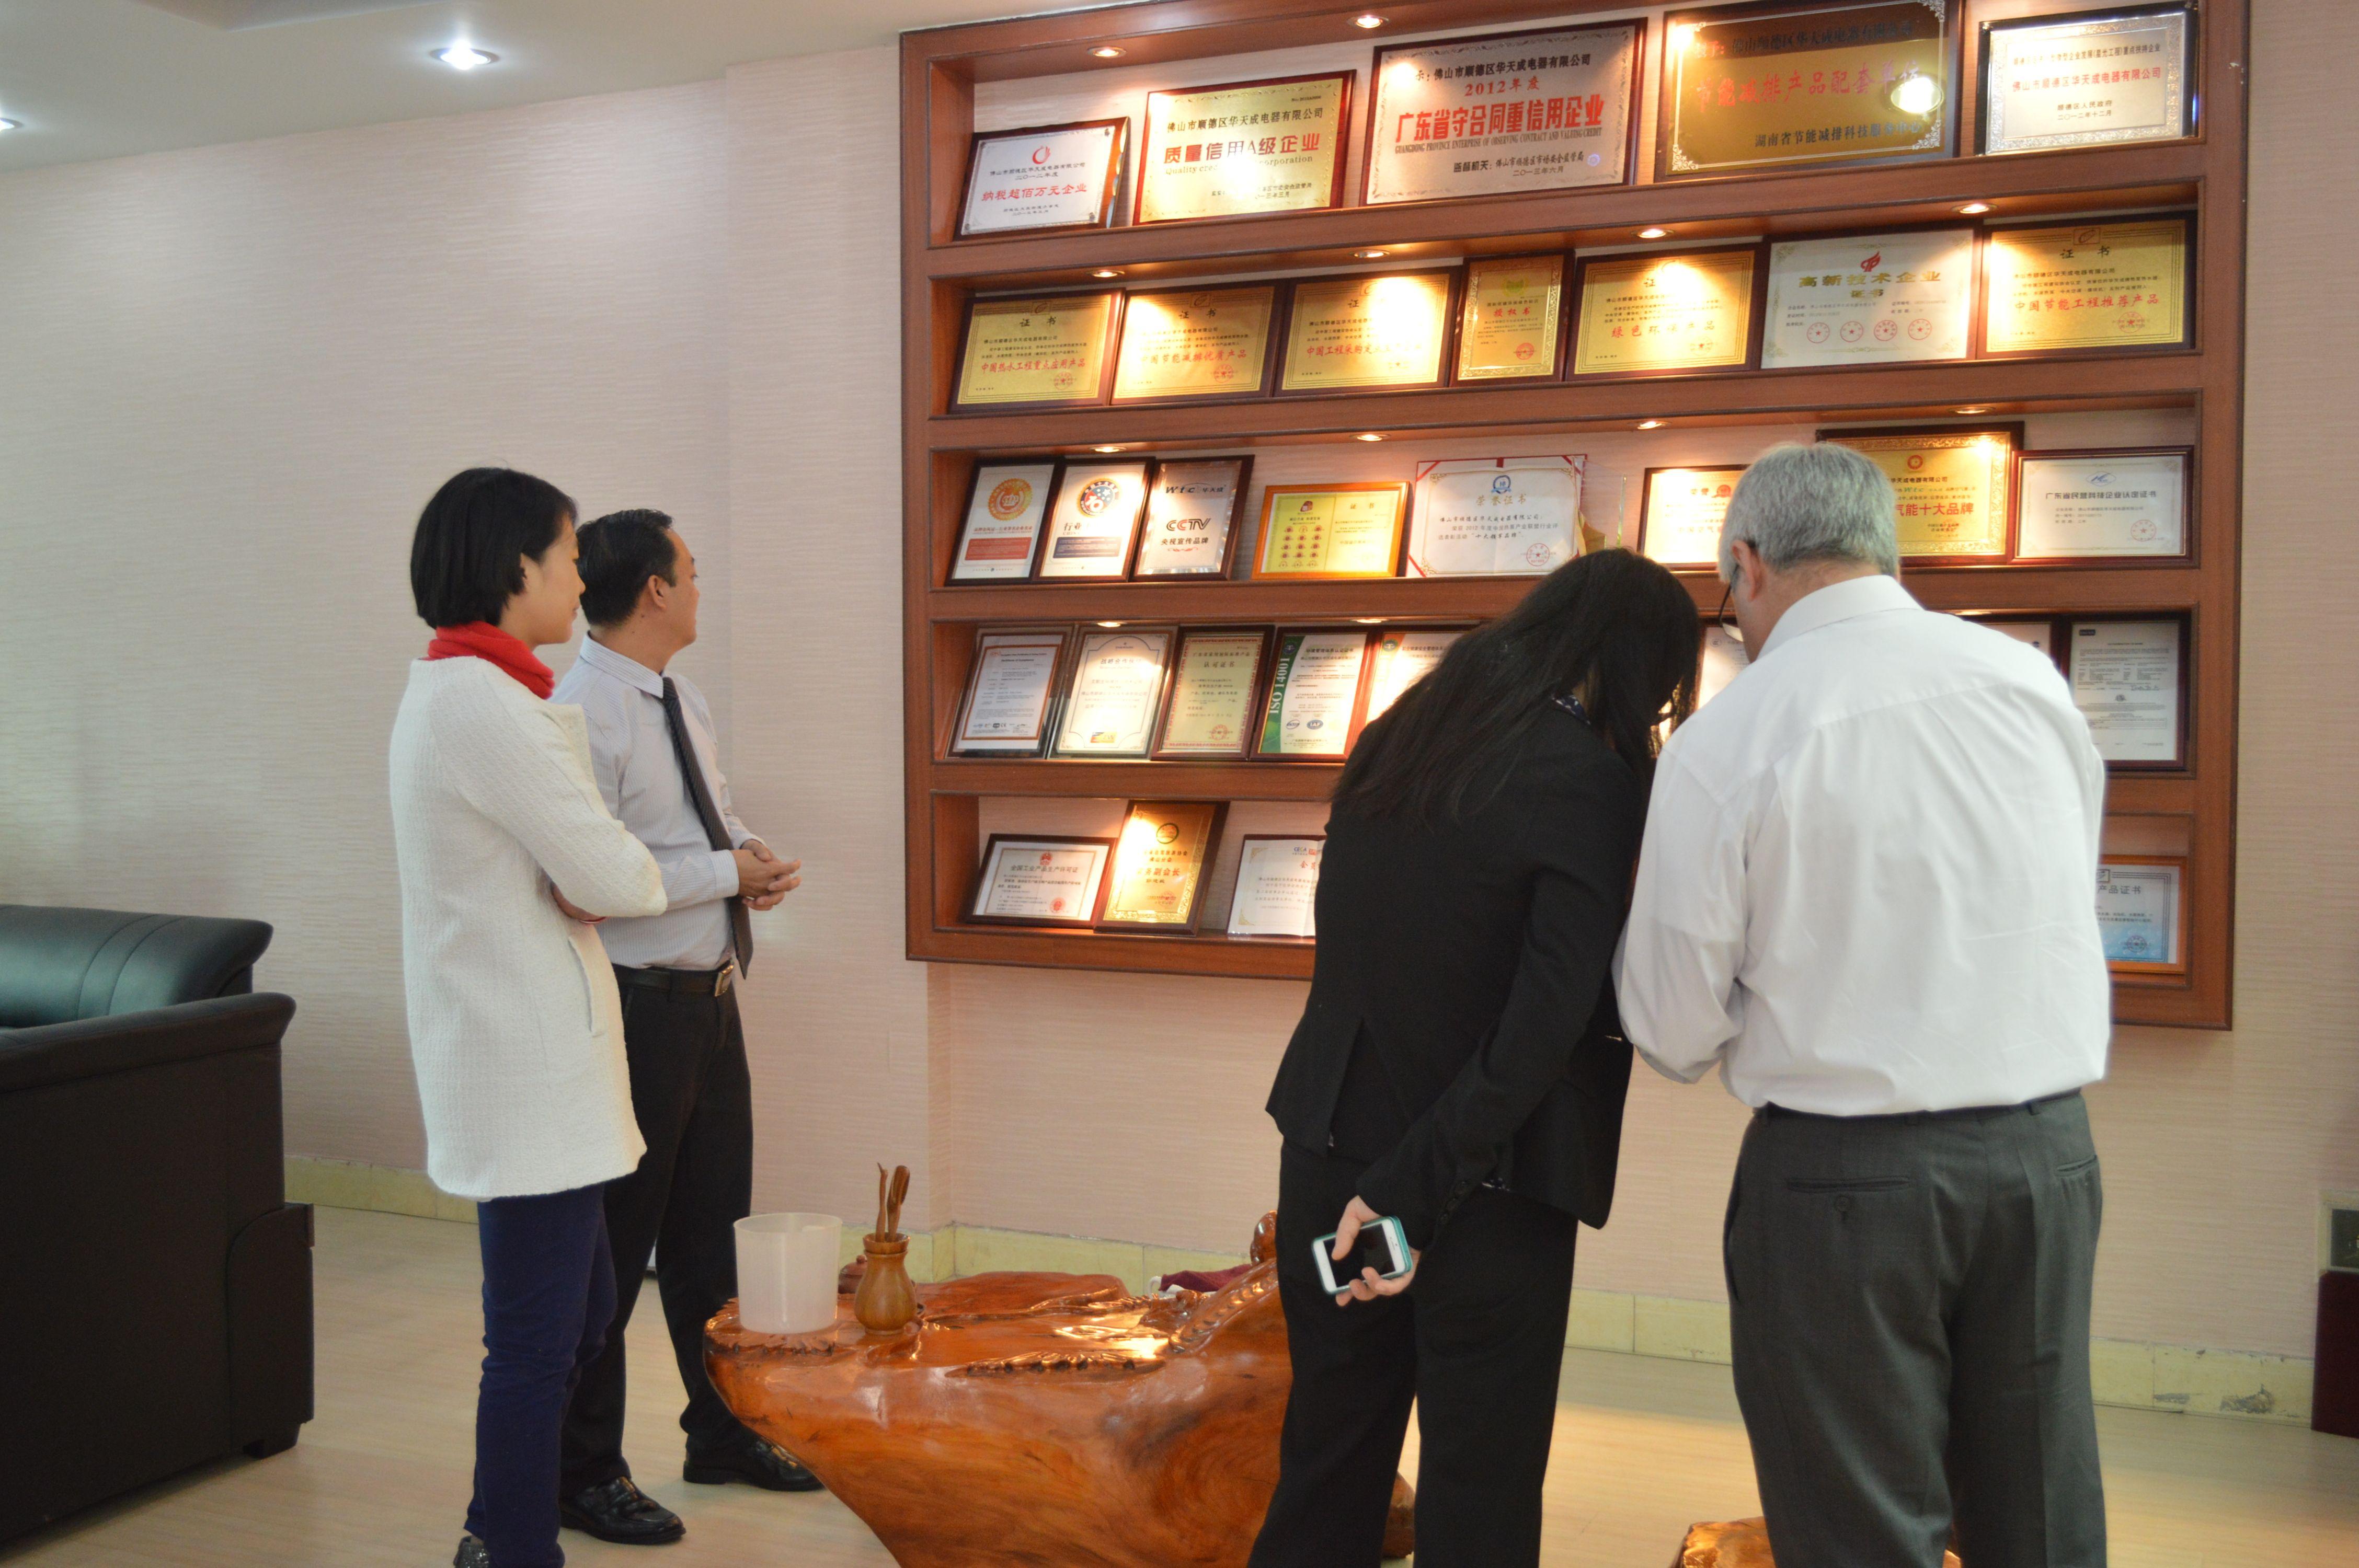 www.wotech.cn,Wotech heat pump show room Heat pump, Heat